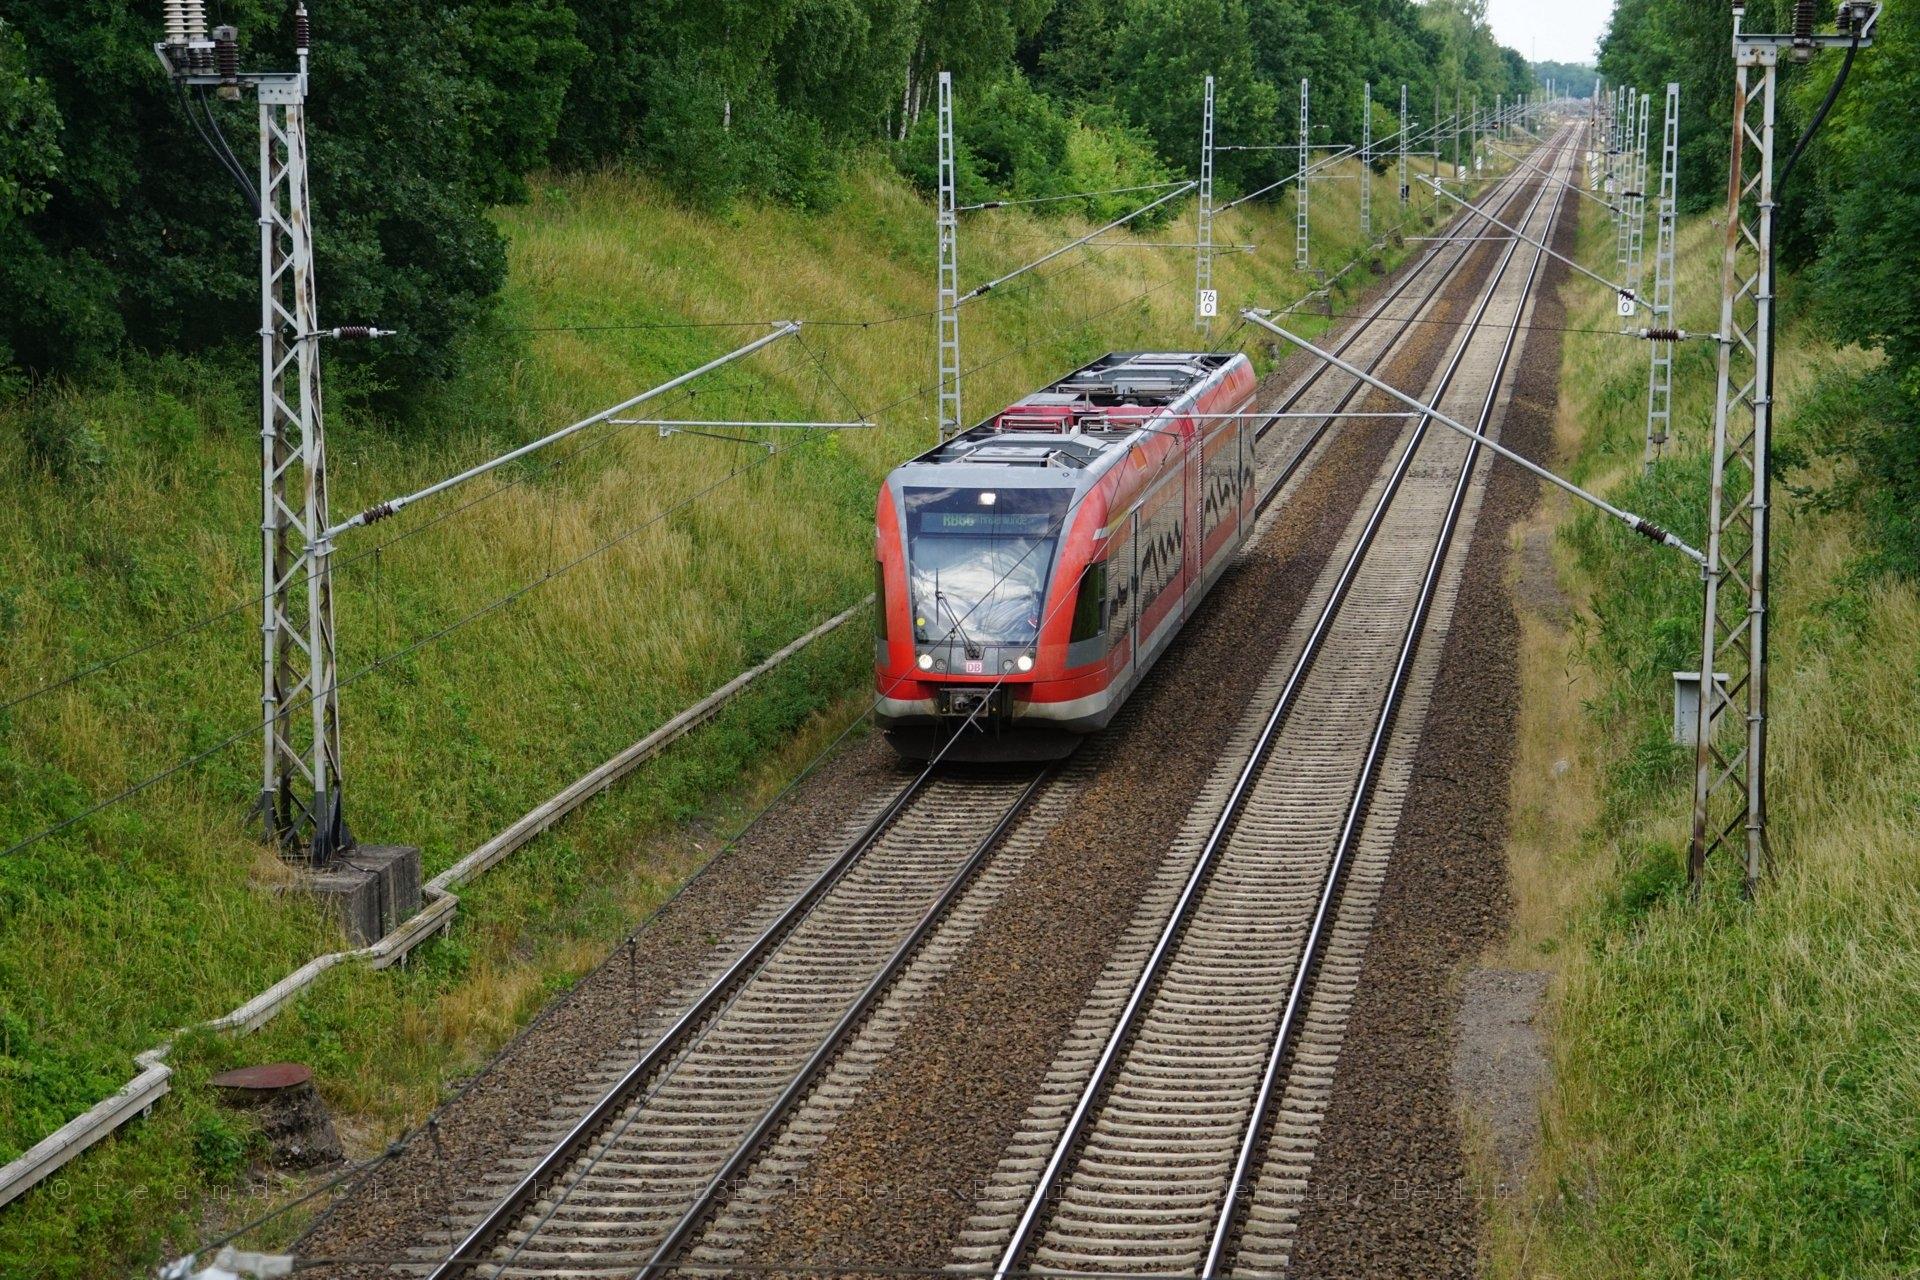 RB66 nach Angermünde unter der B198